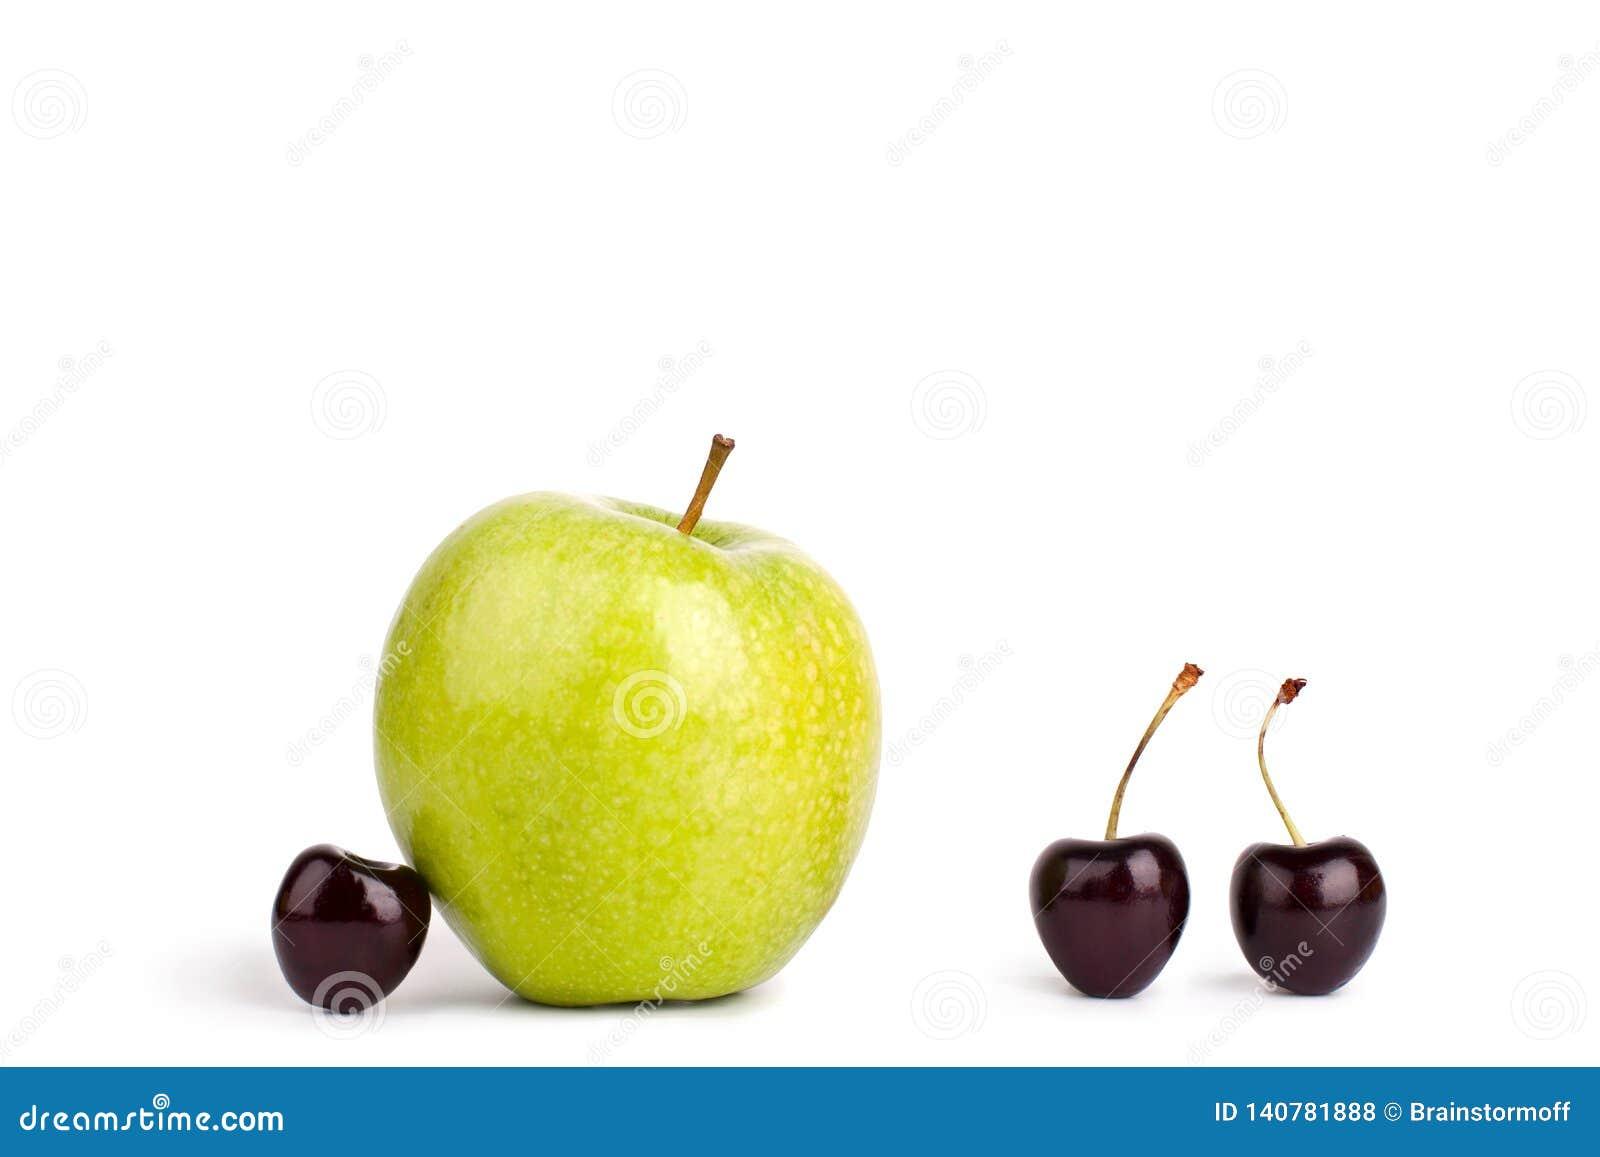 3 ягоды вишни и одно большого зеленого яблоко на белой конце изолированном предпосылкой вверх по макросу